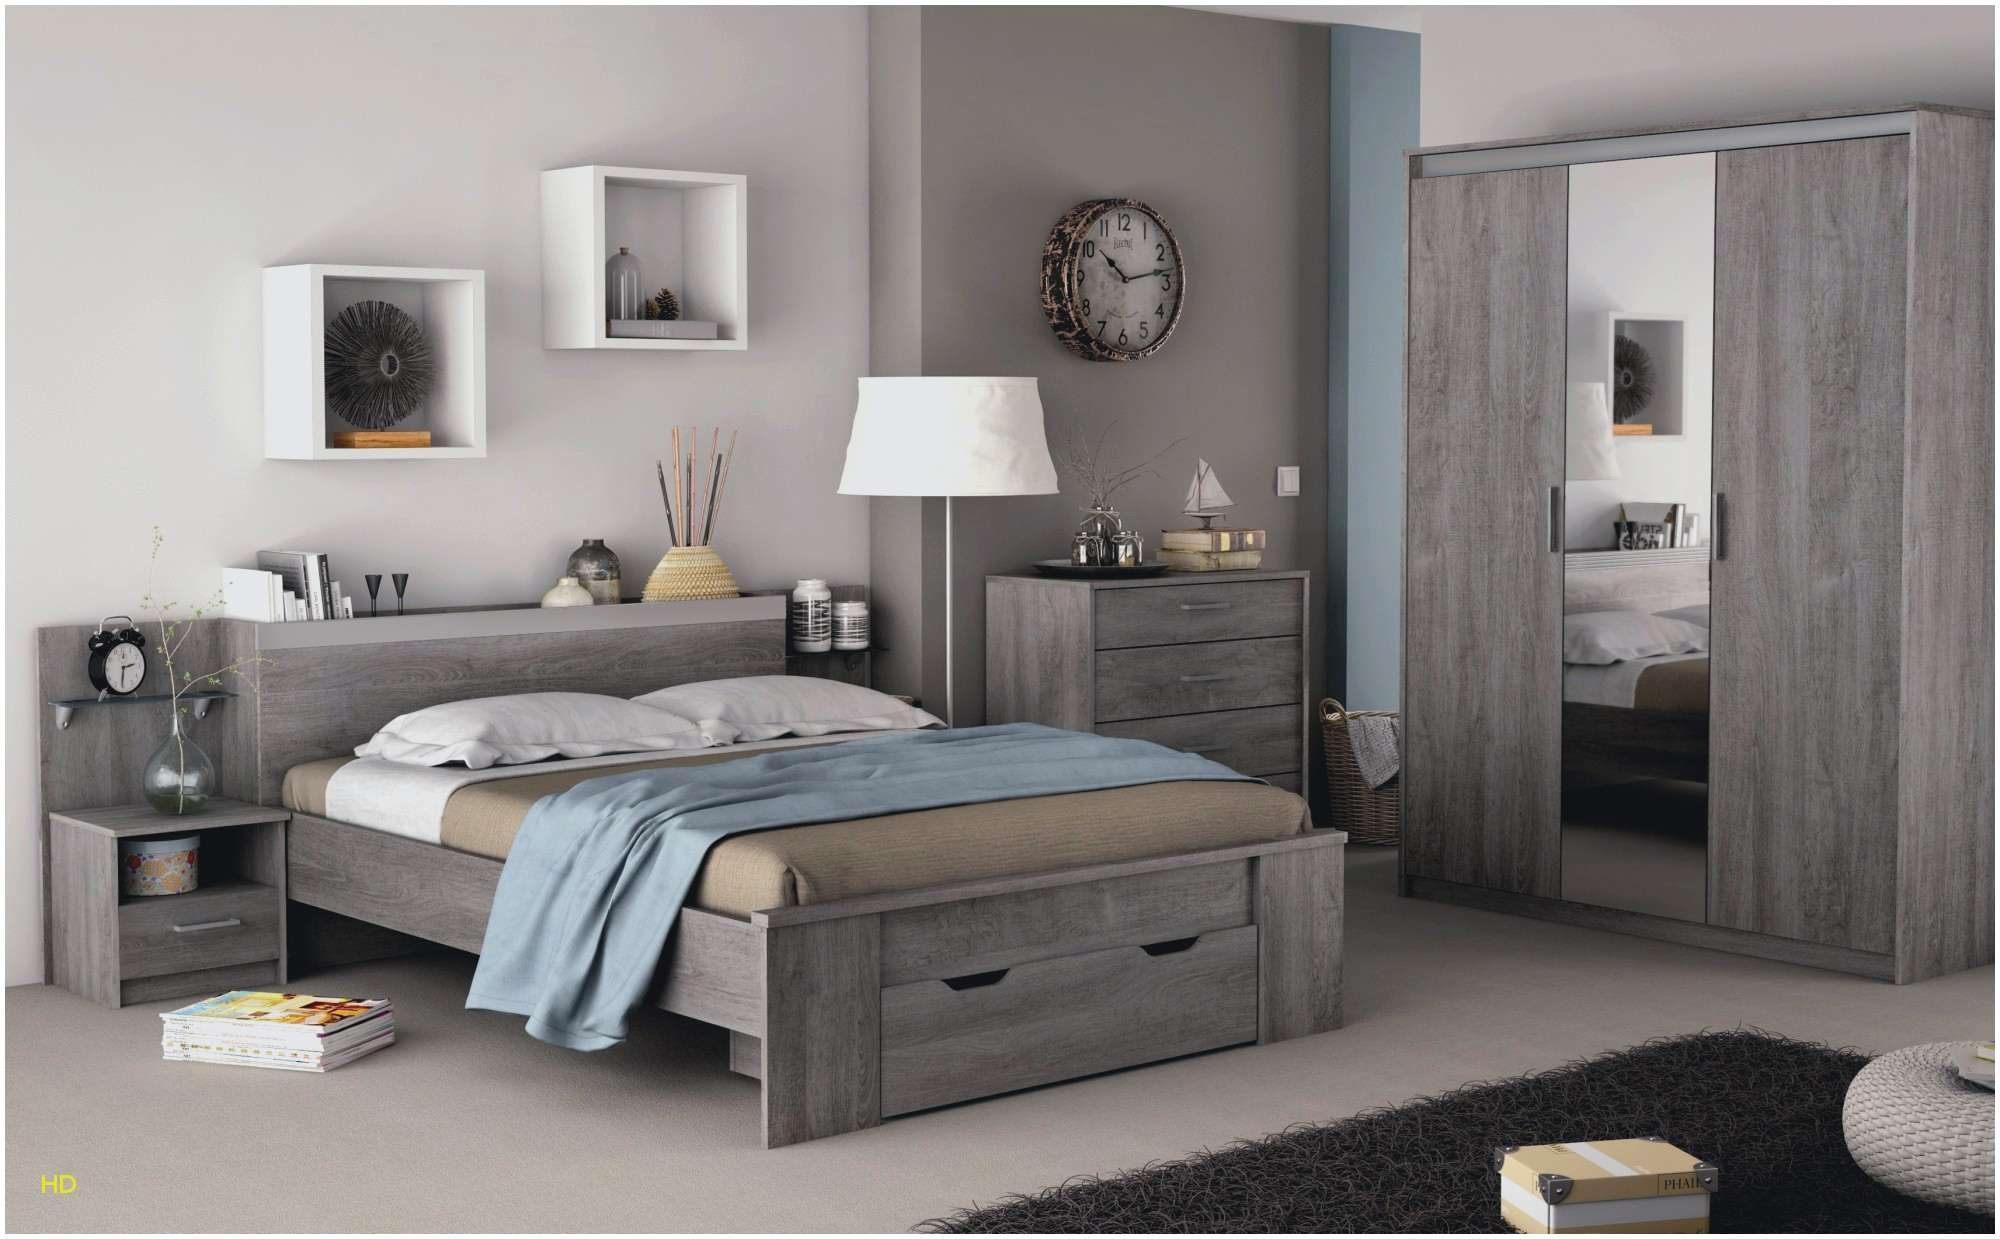 Lit 90×200 Avec sommier Et Matelas Fraîche Luxe Conforama Chambre A Coucher Lit Moderne Conforama sommier